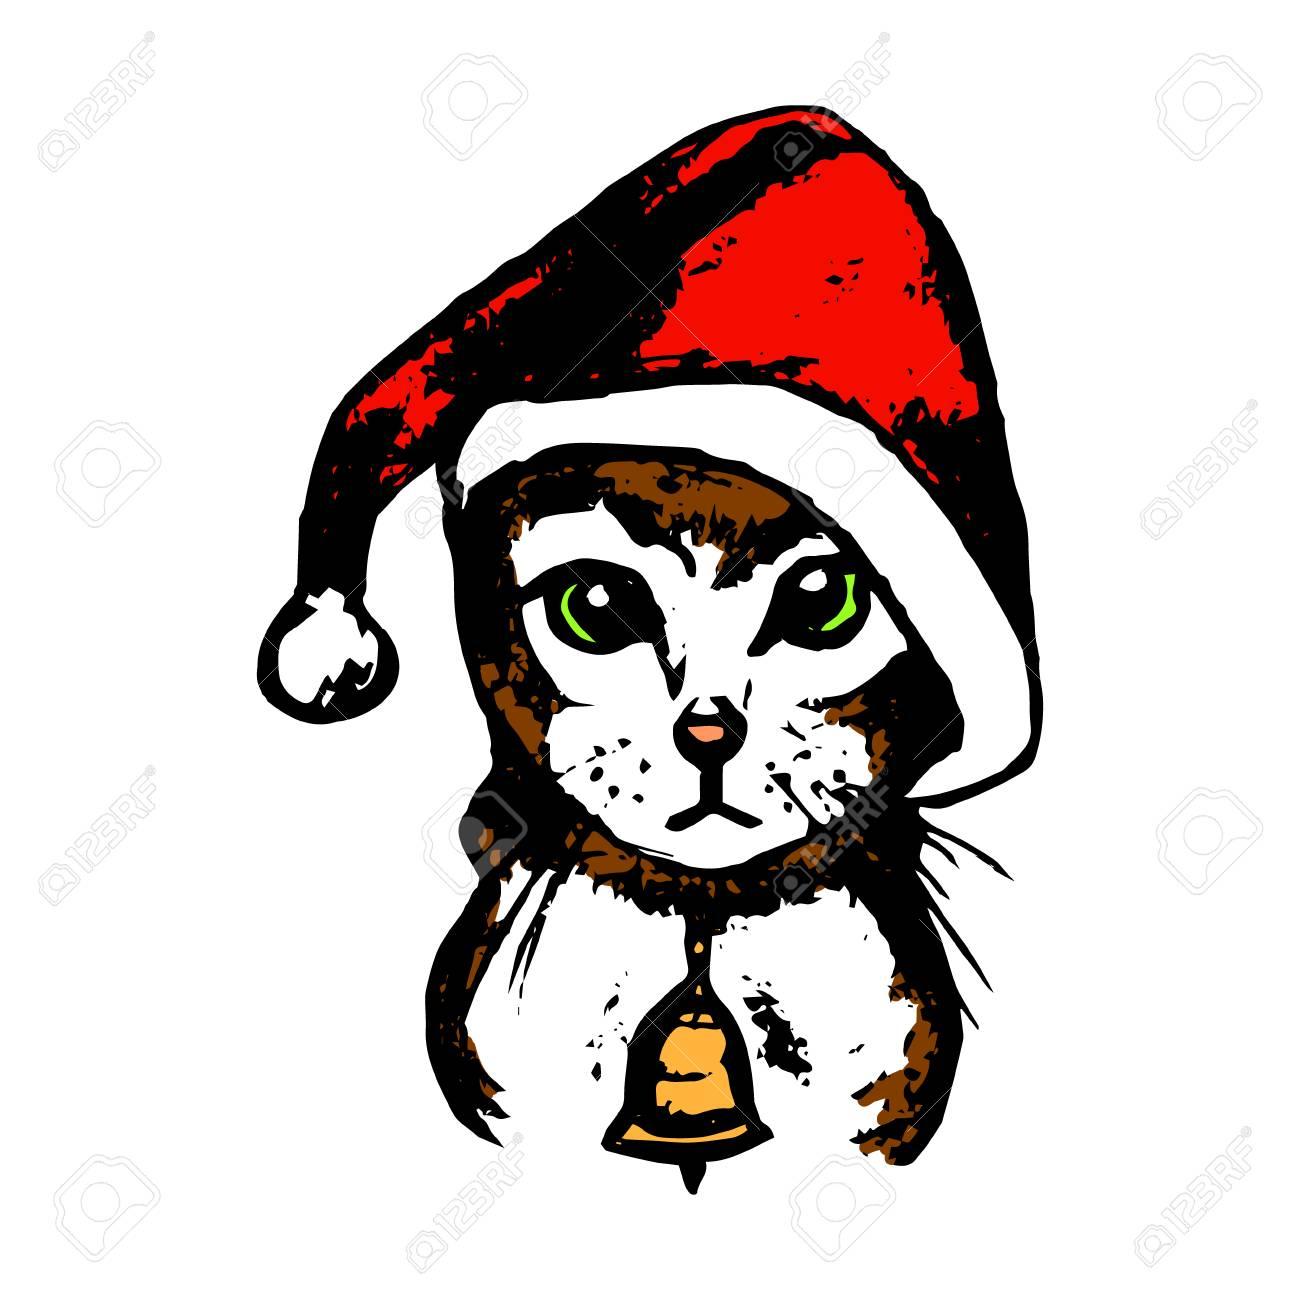 Imagen Gráfica De Un Gato Con Un Sombrero Rojo Santa. Gato Con Ojos ...